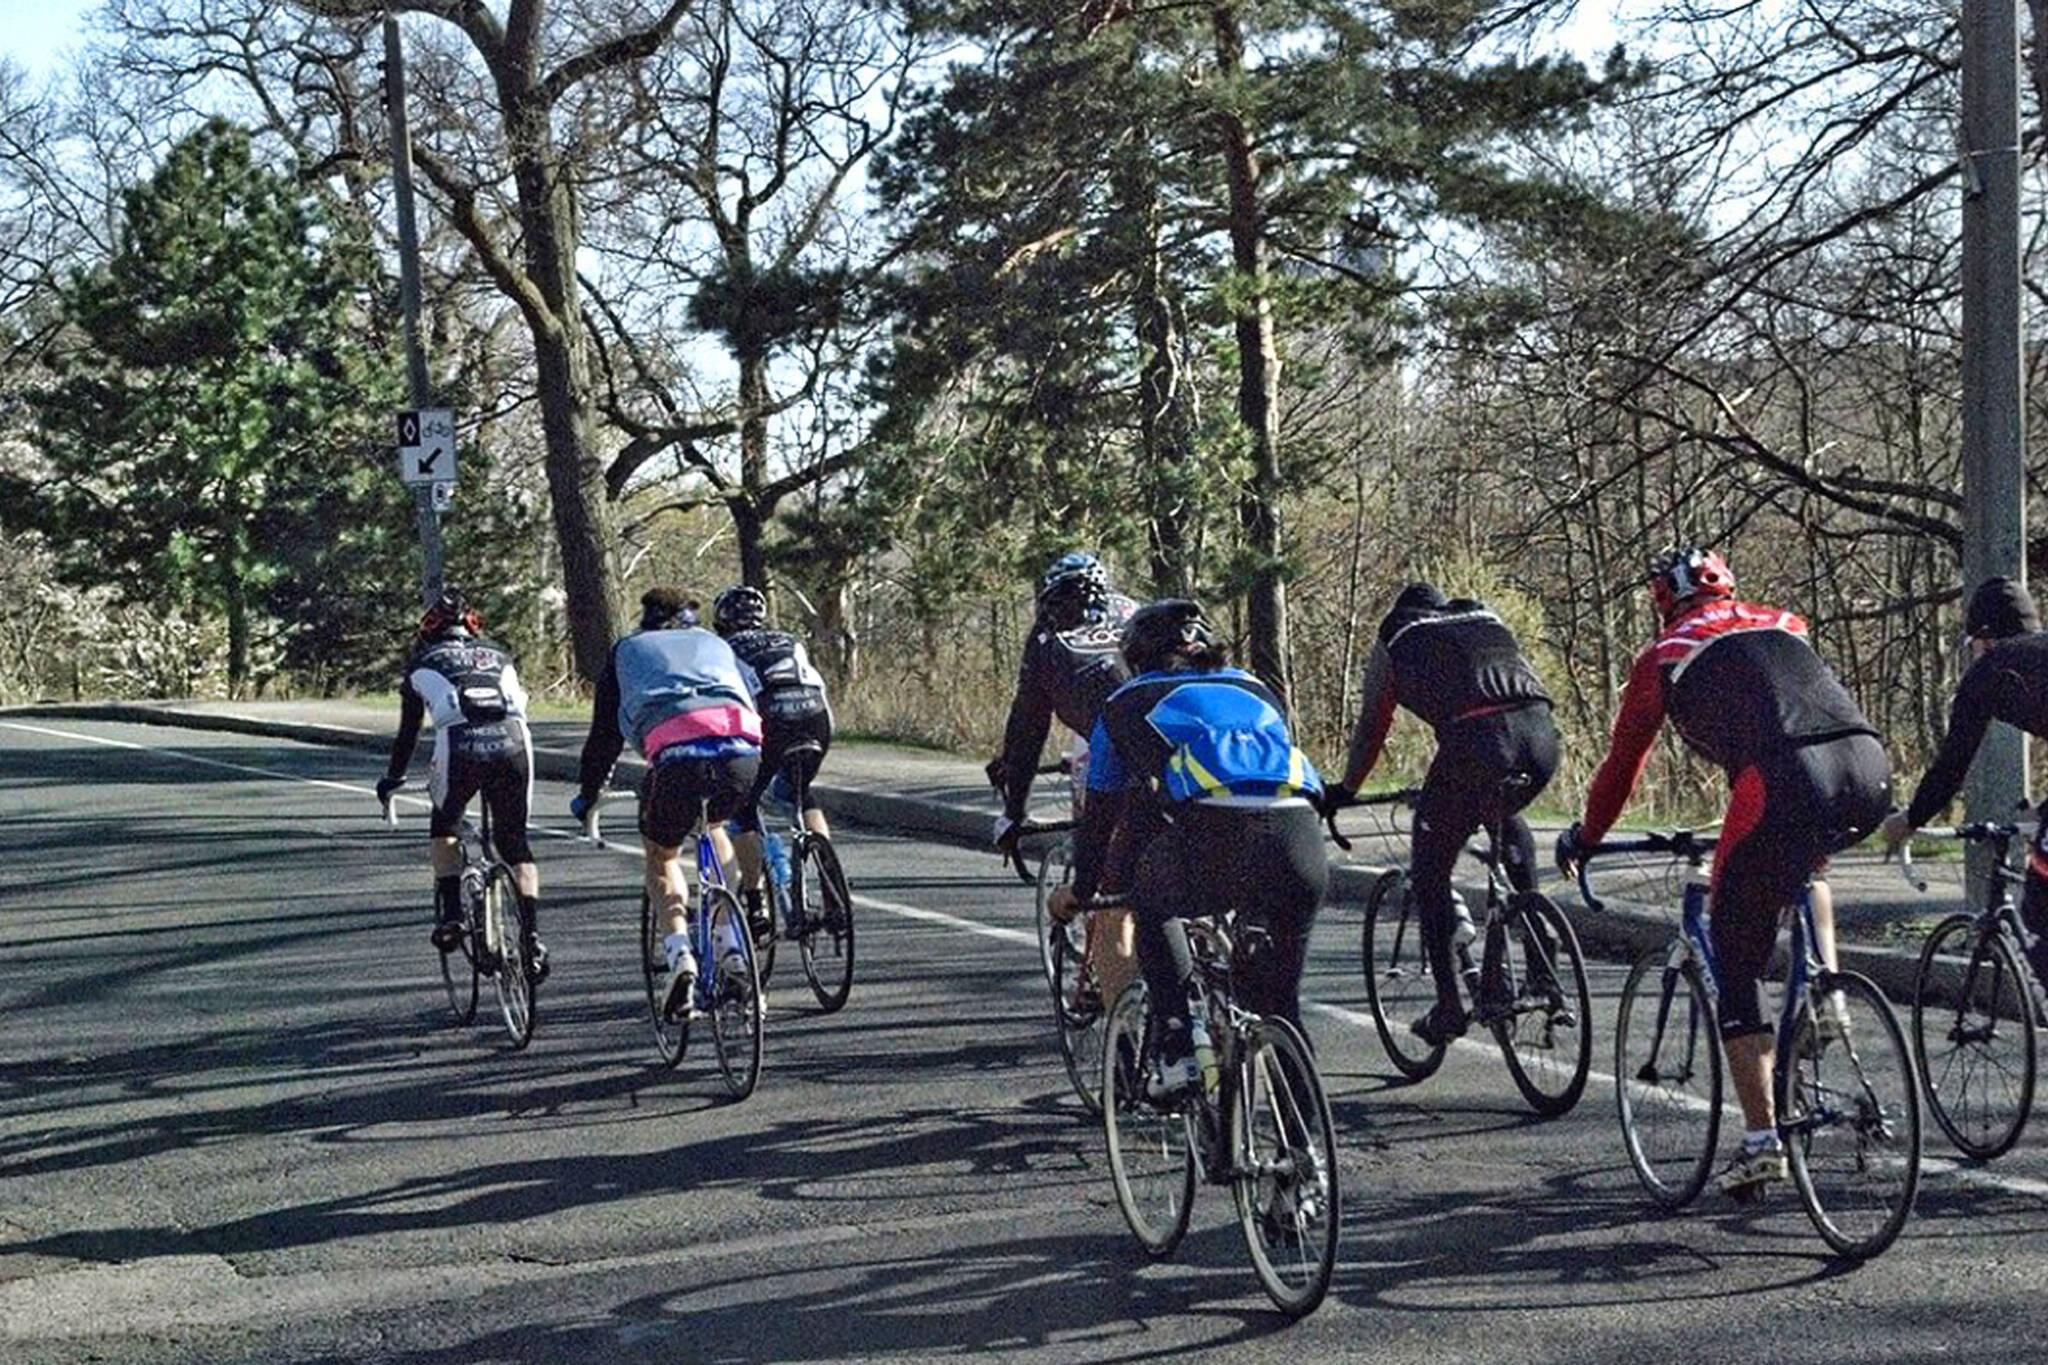 high park cyclists